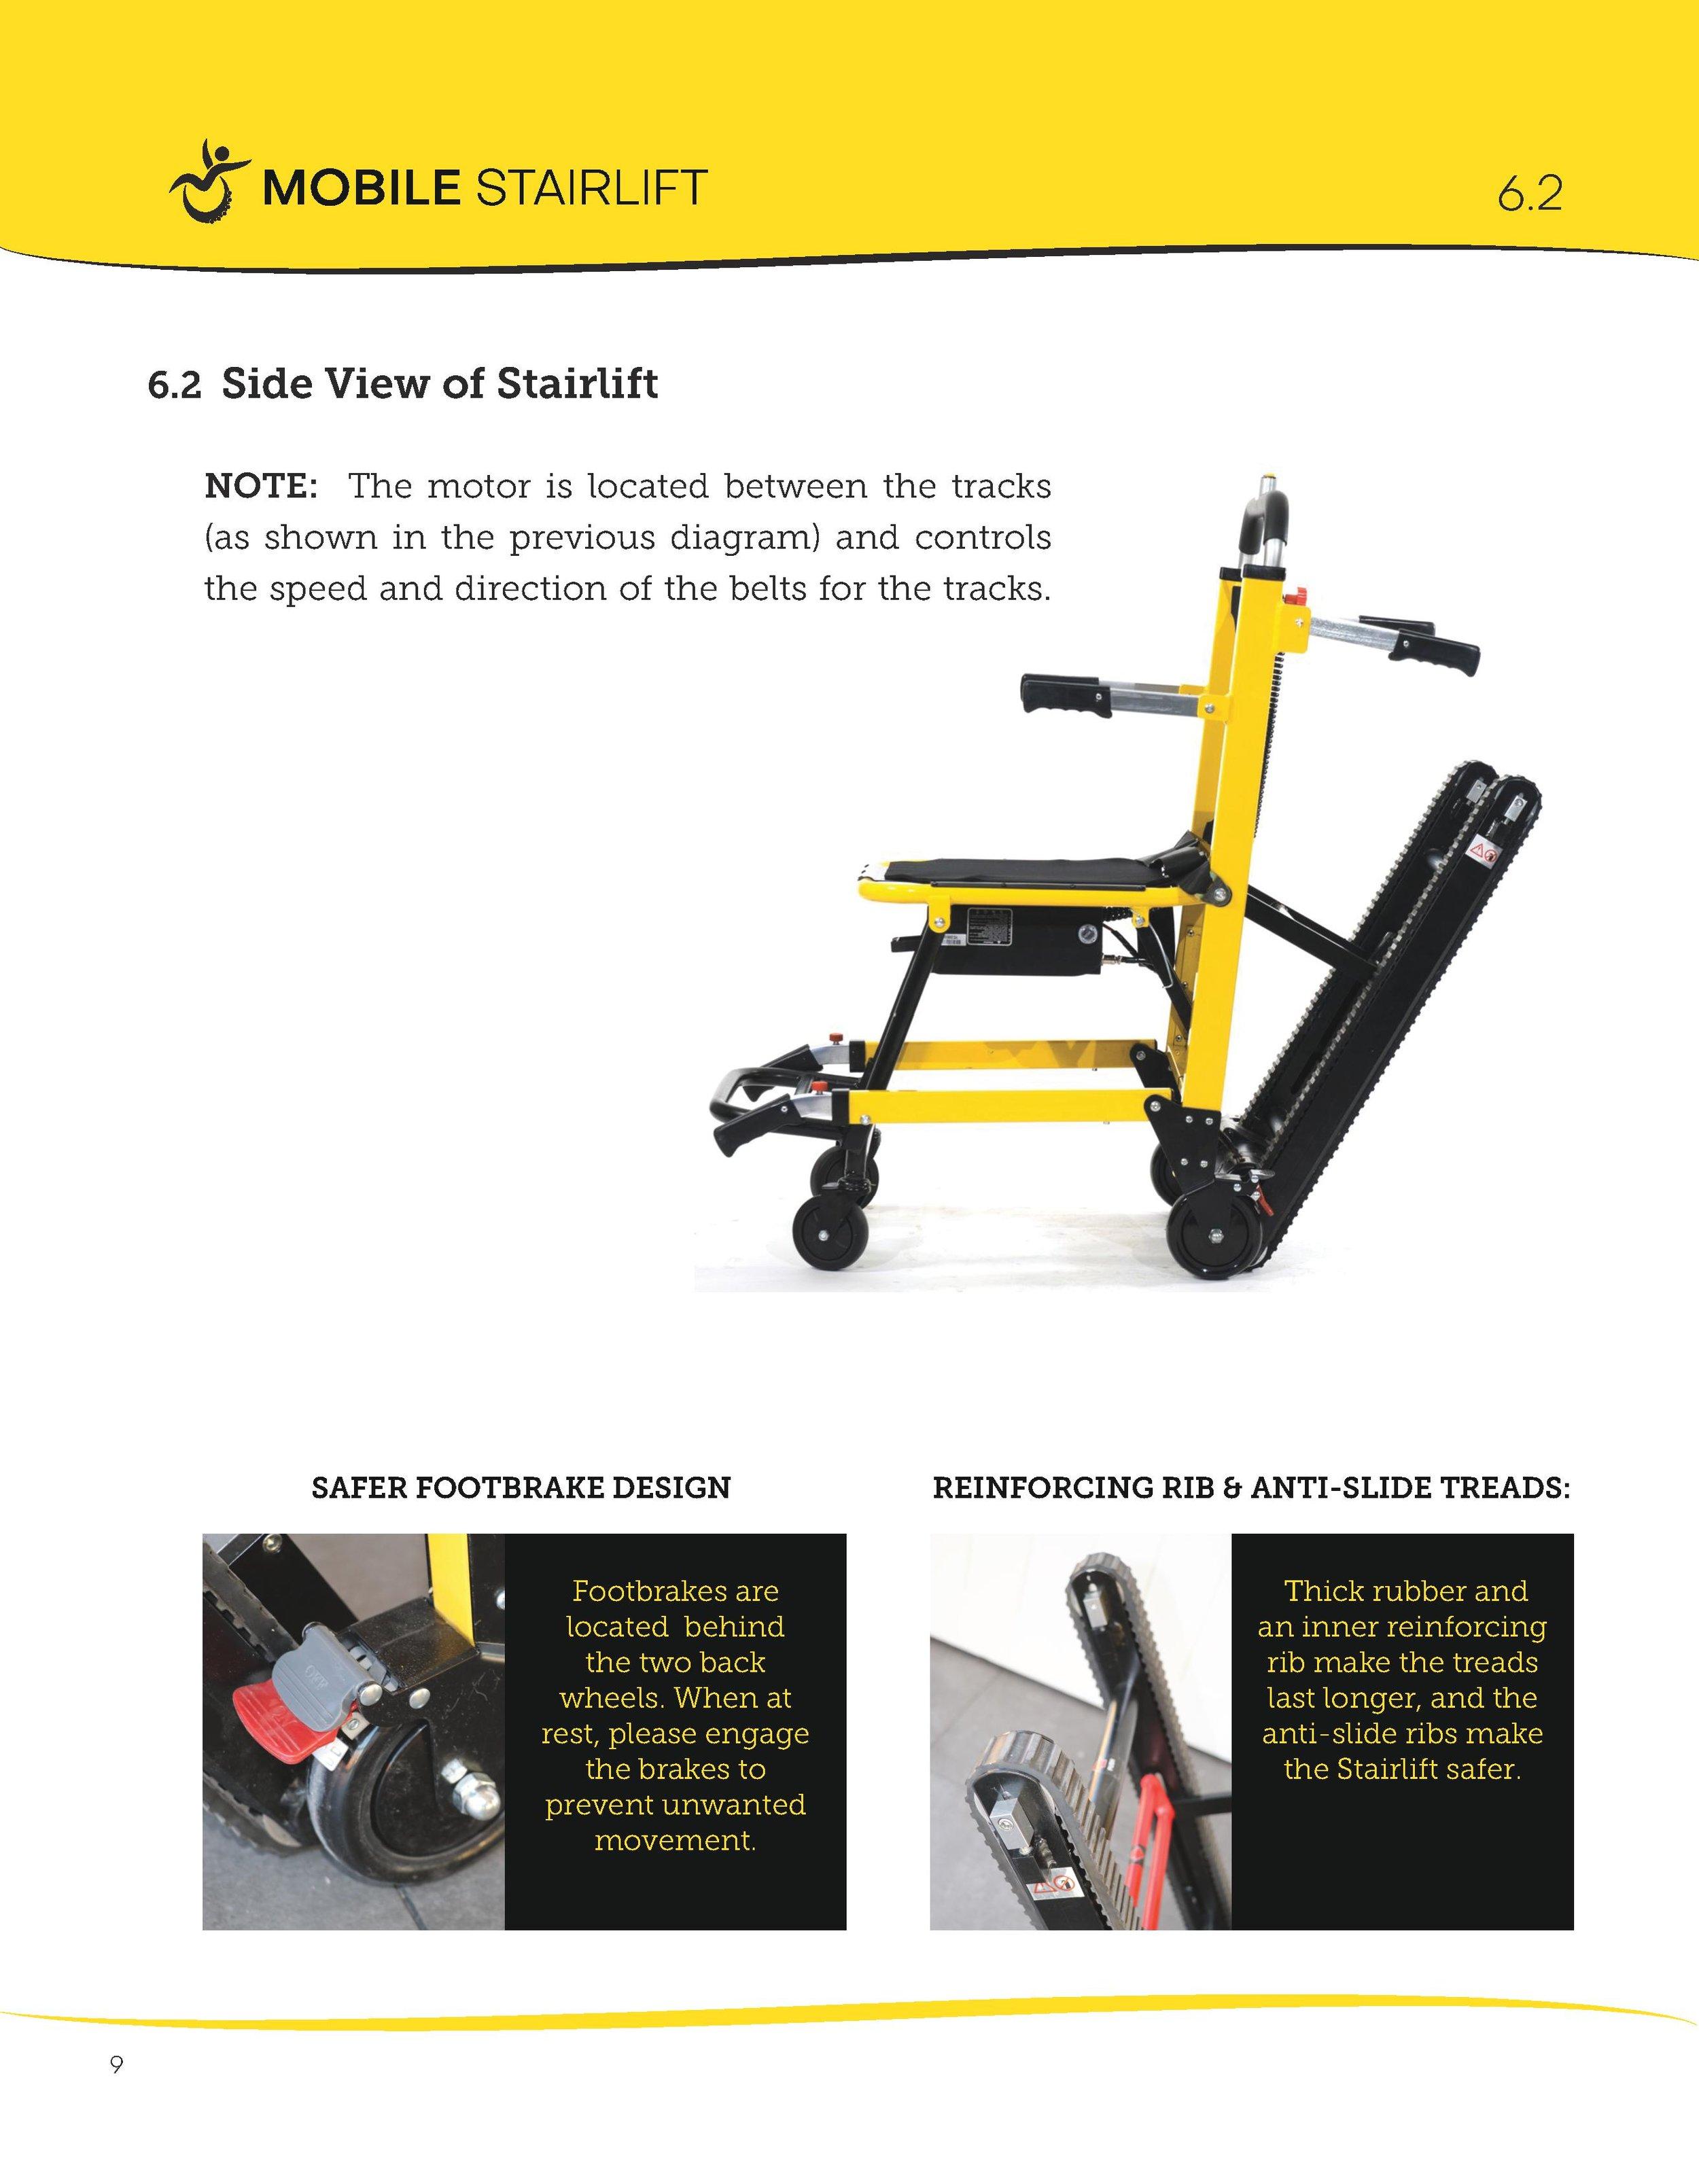 Mobile Stairlift Instruction Manual-10.jpg